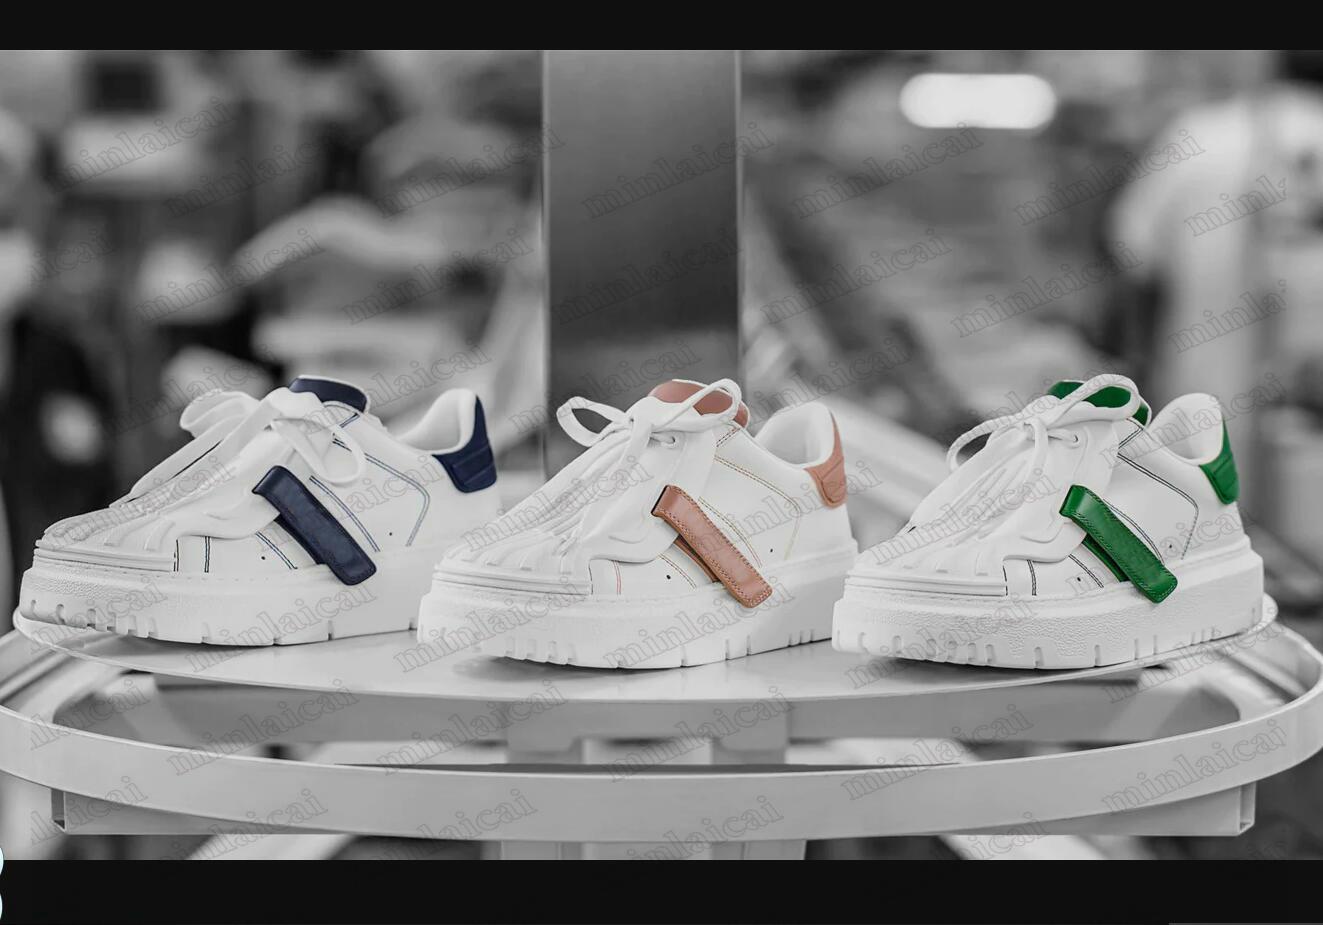 21SS Womens ID White Sneakers Designer Luxus Frauen Trainer Schuhe Calfskin LeatherPlatform Trainer Niedrige Top Gummi Mädchen Läufer Freizeitschuh